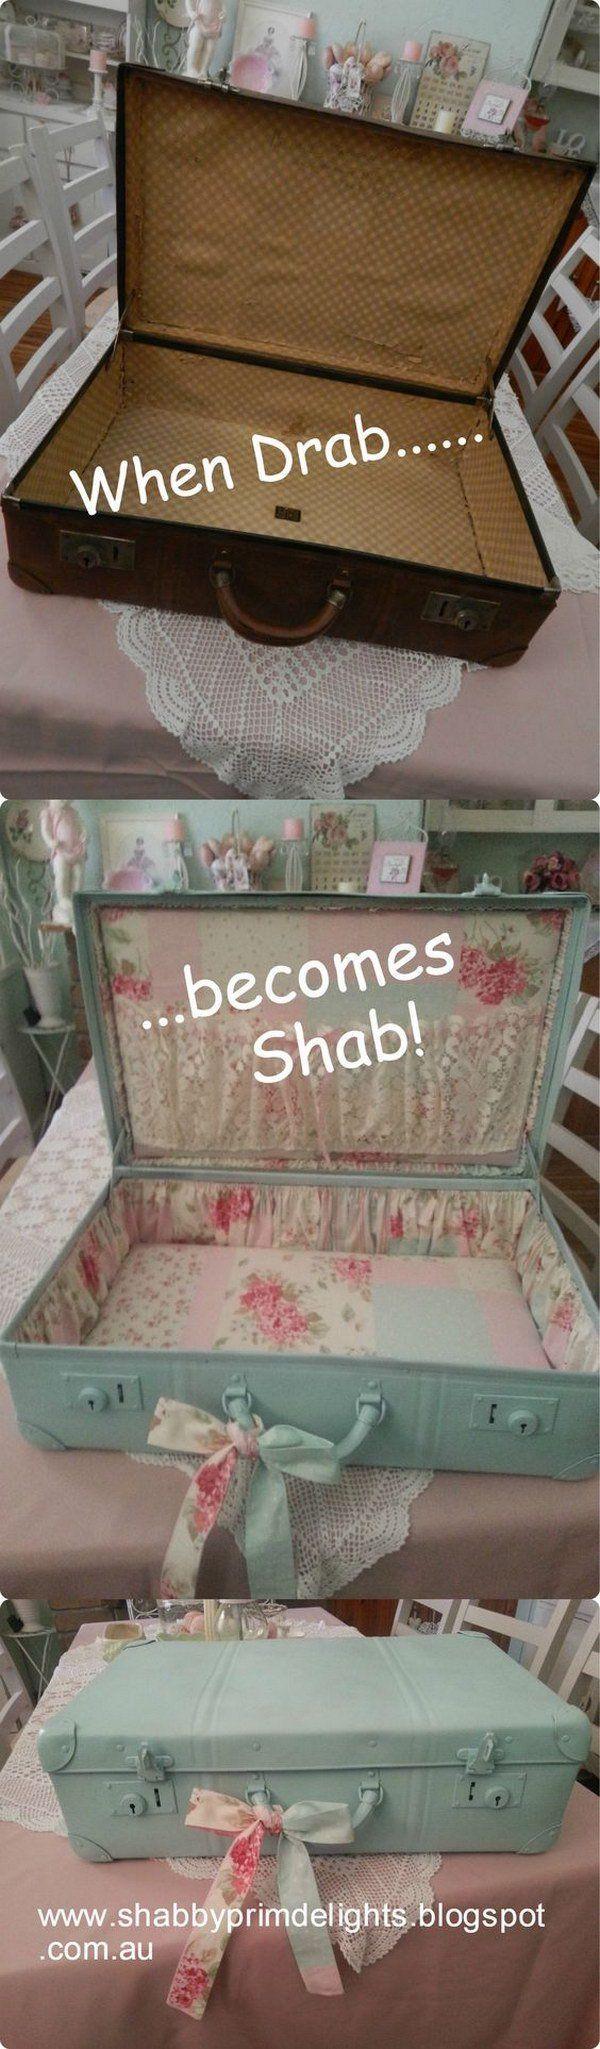 276 besten Shabby Chic Bilder auf Pinterest | Landhausstil, Antike ...